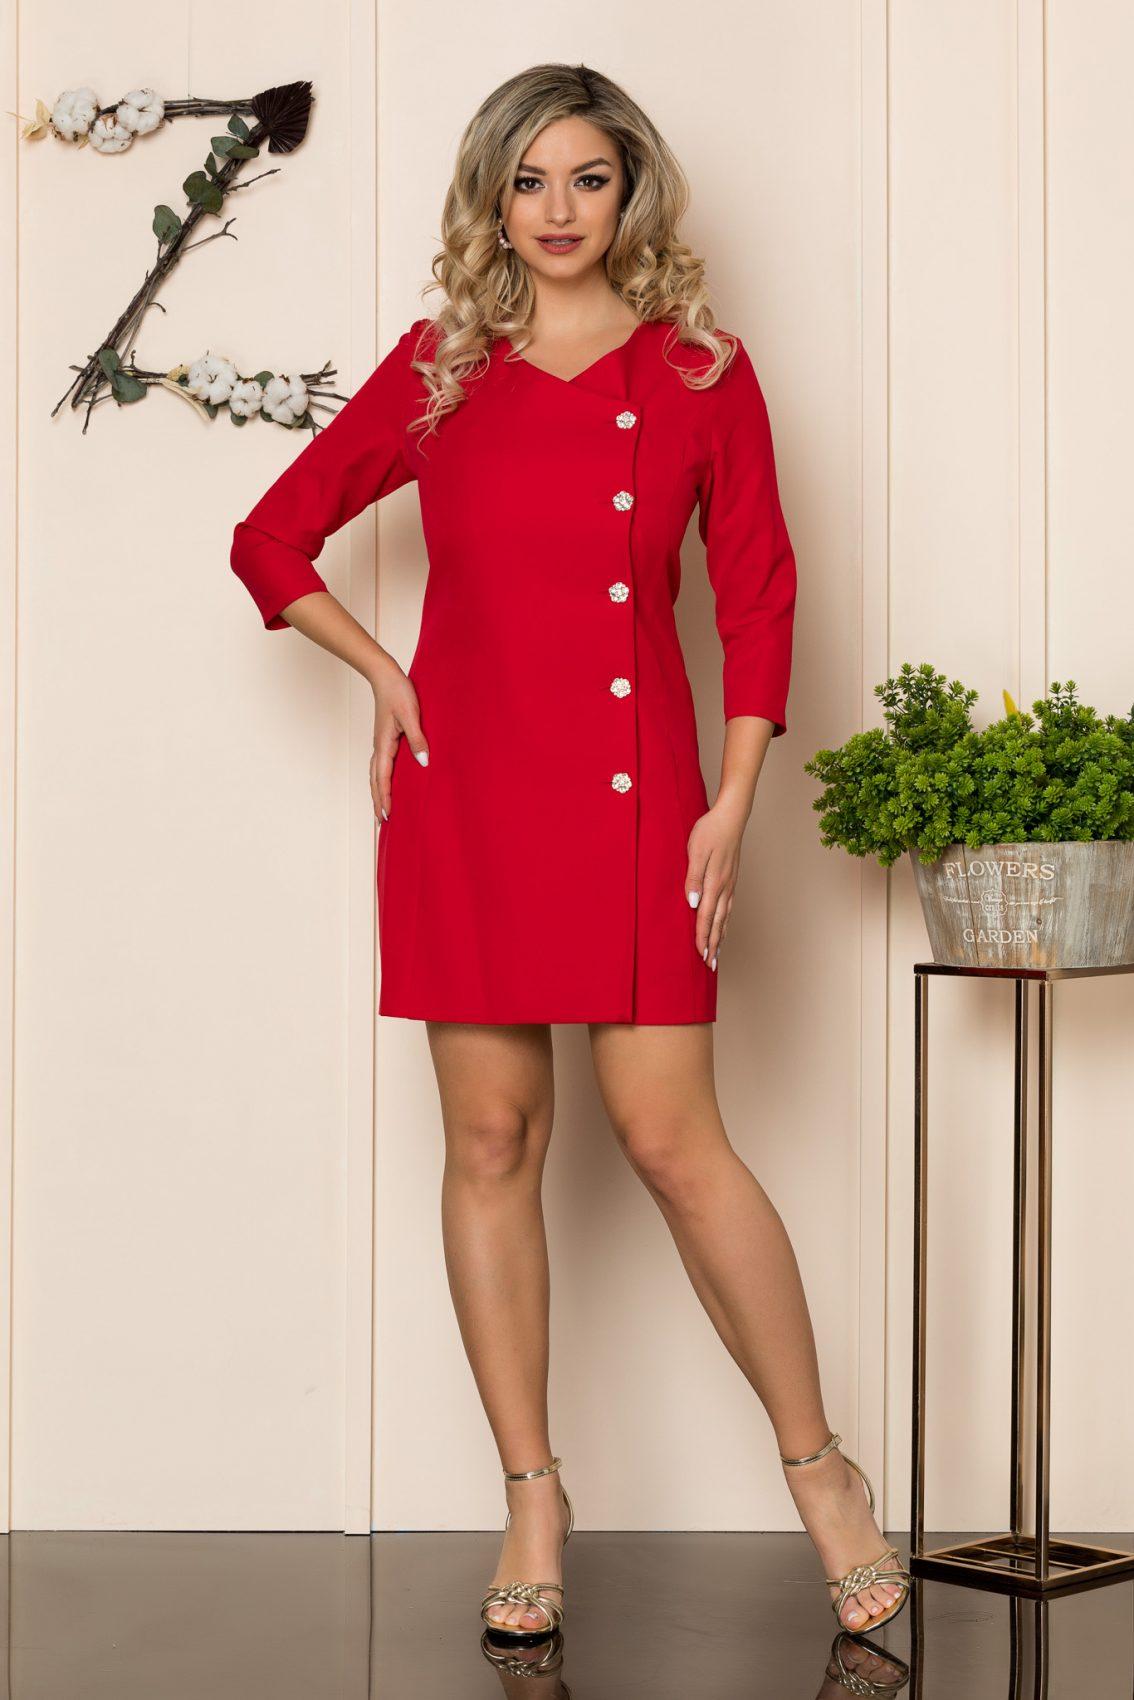 Κόκκινο Φόρεμα Με Στράς Κουμπιά Savanna 1043 1